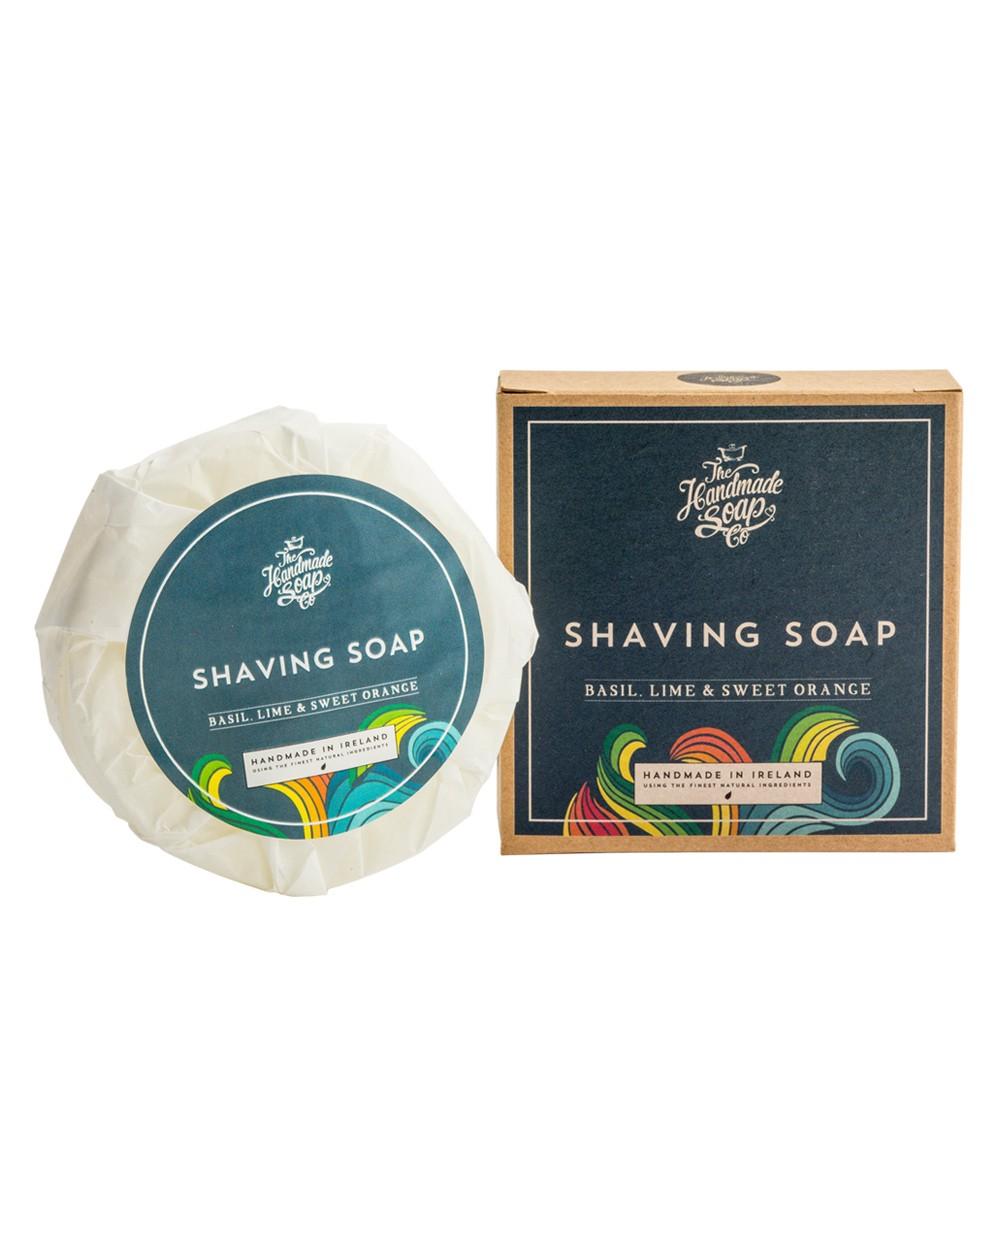 The Handmade Soap Company Shaving Soap